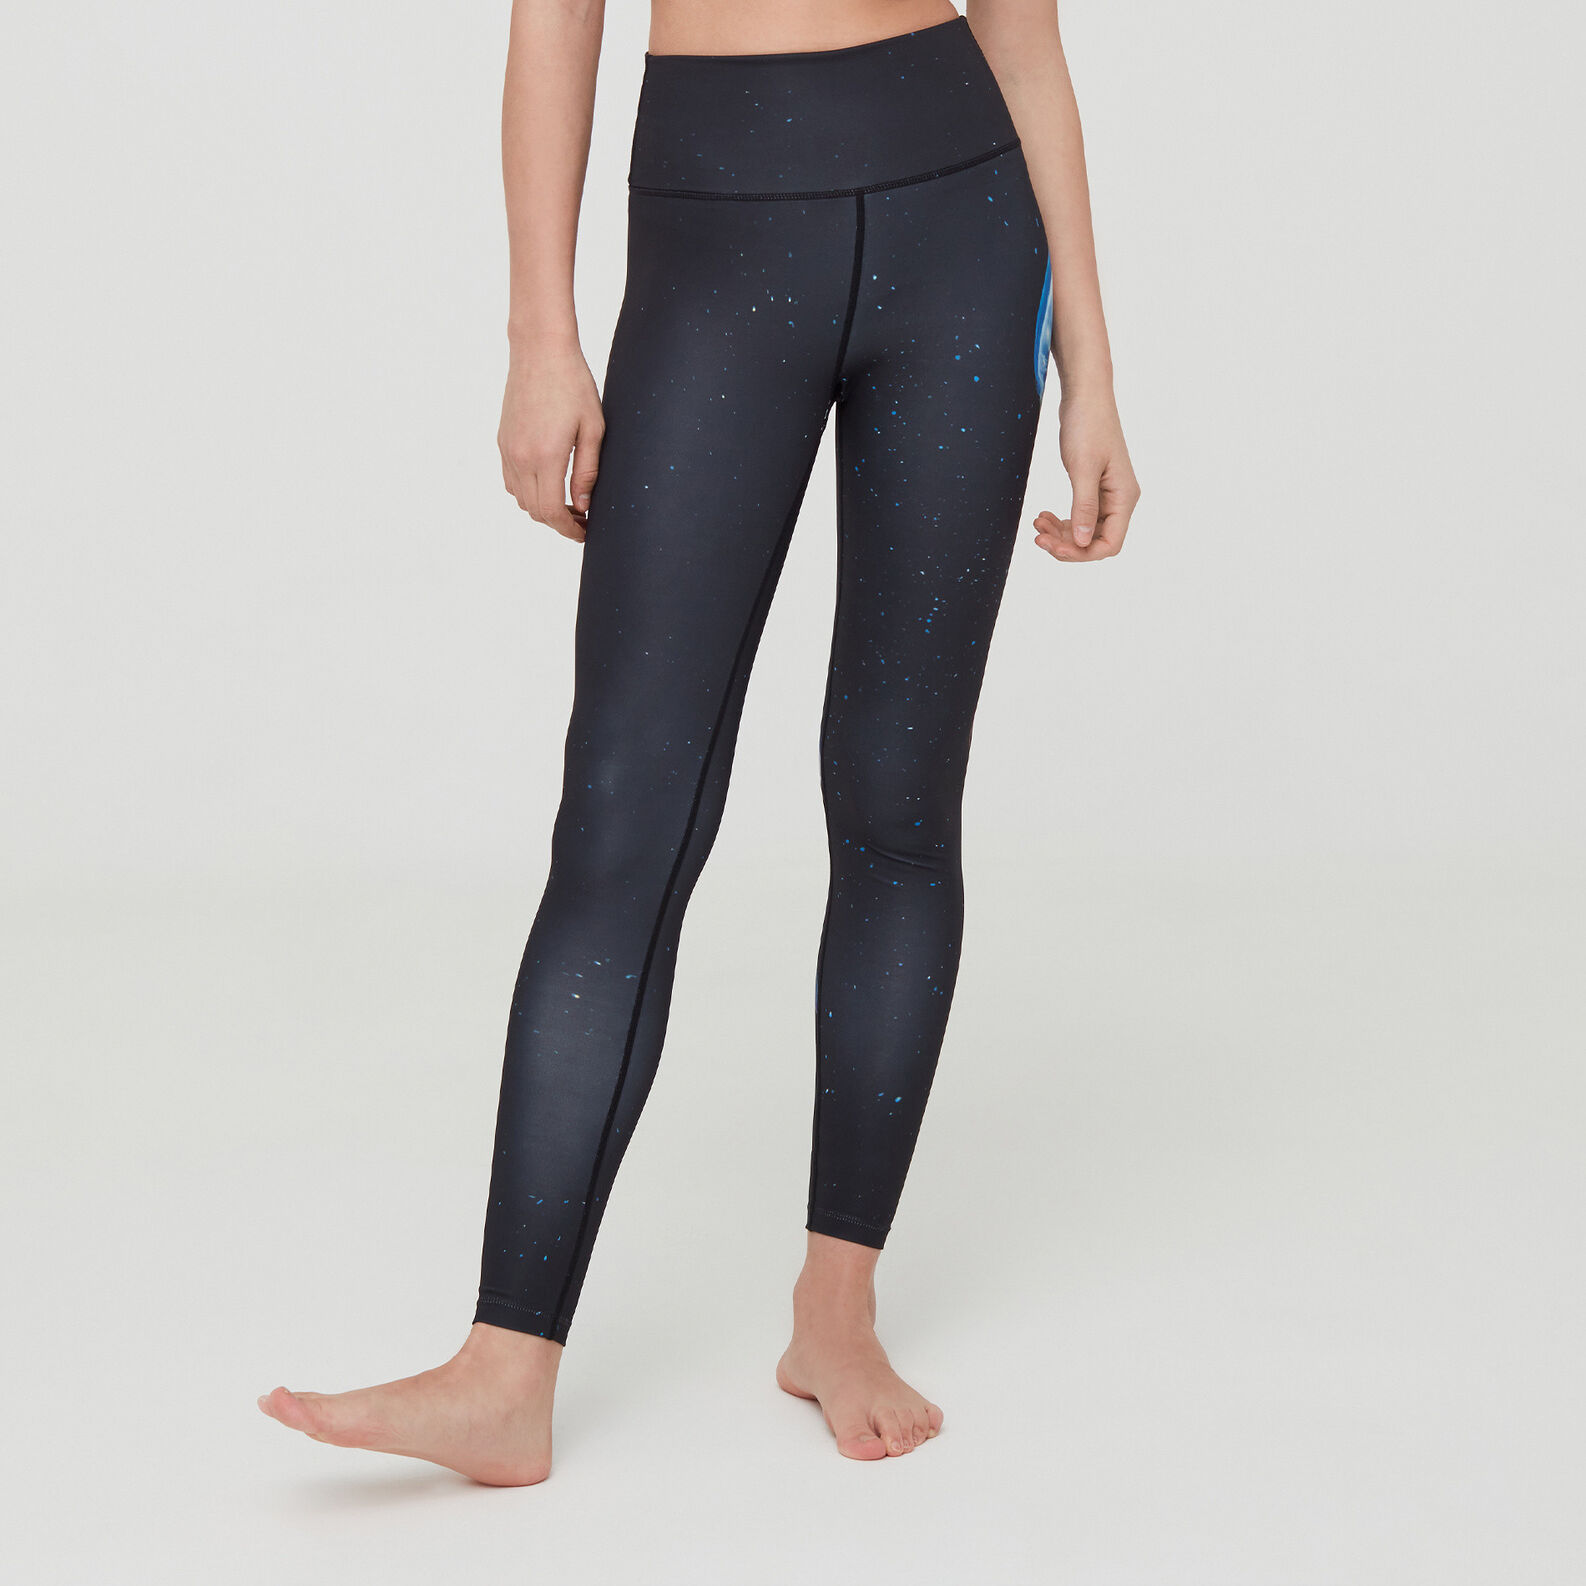 MEDUSAE high-waisted leggings